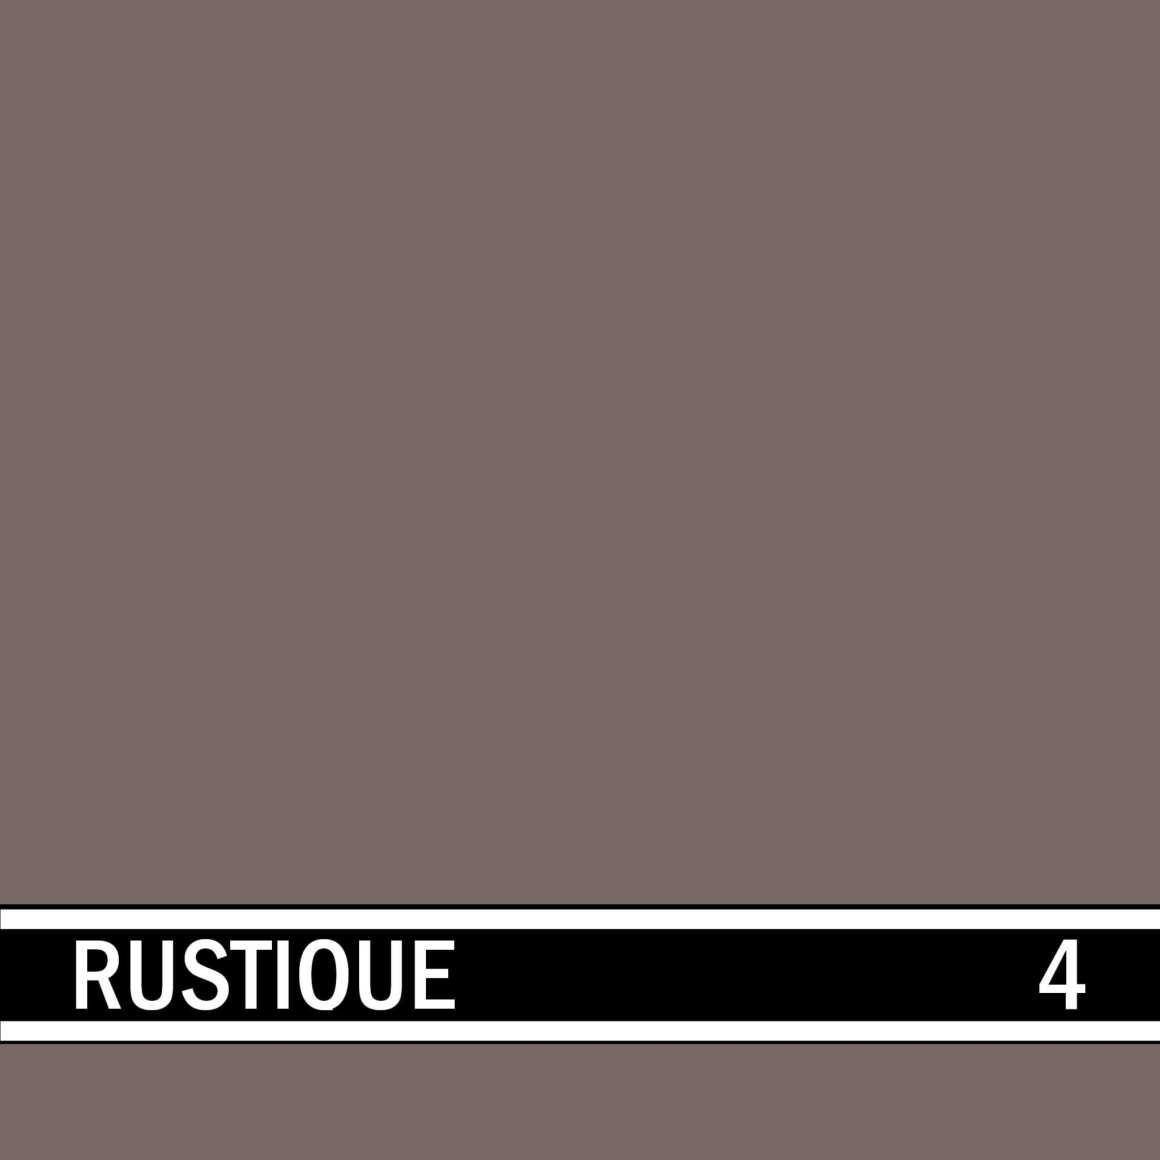 Rustique integral concrete color for stamped concrete and decorative colored concrete